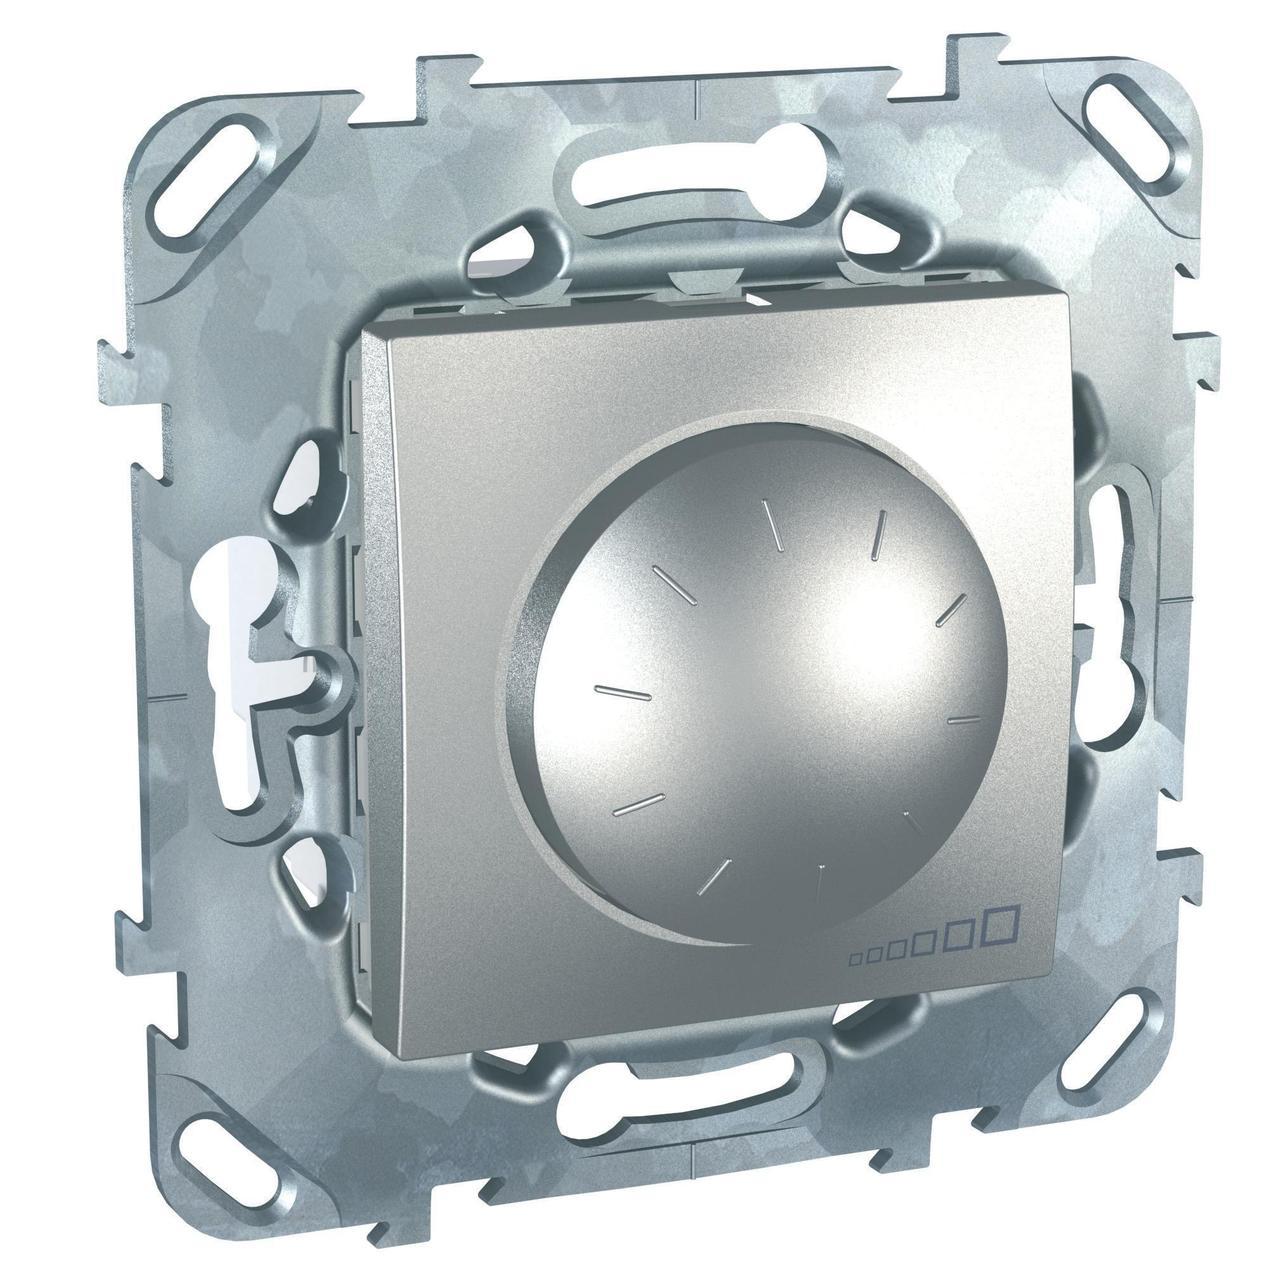 Диммер поворотно-нажимной , 400Вт LED универсальны , Алюминий, серия UNICA TOP/CLASS, Schneider Electric